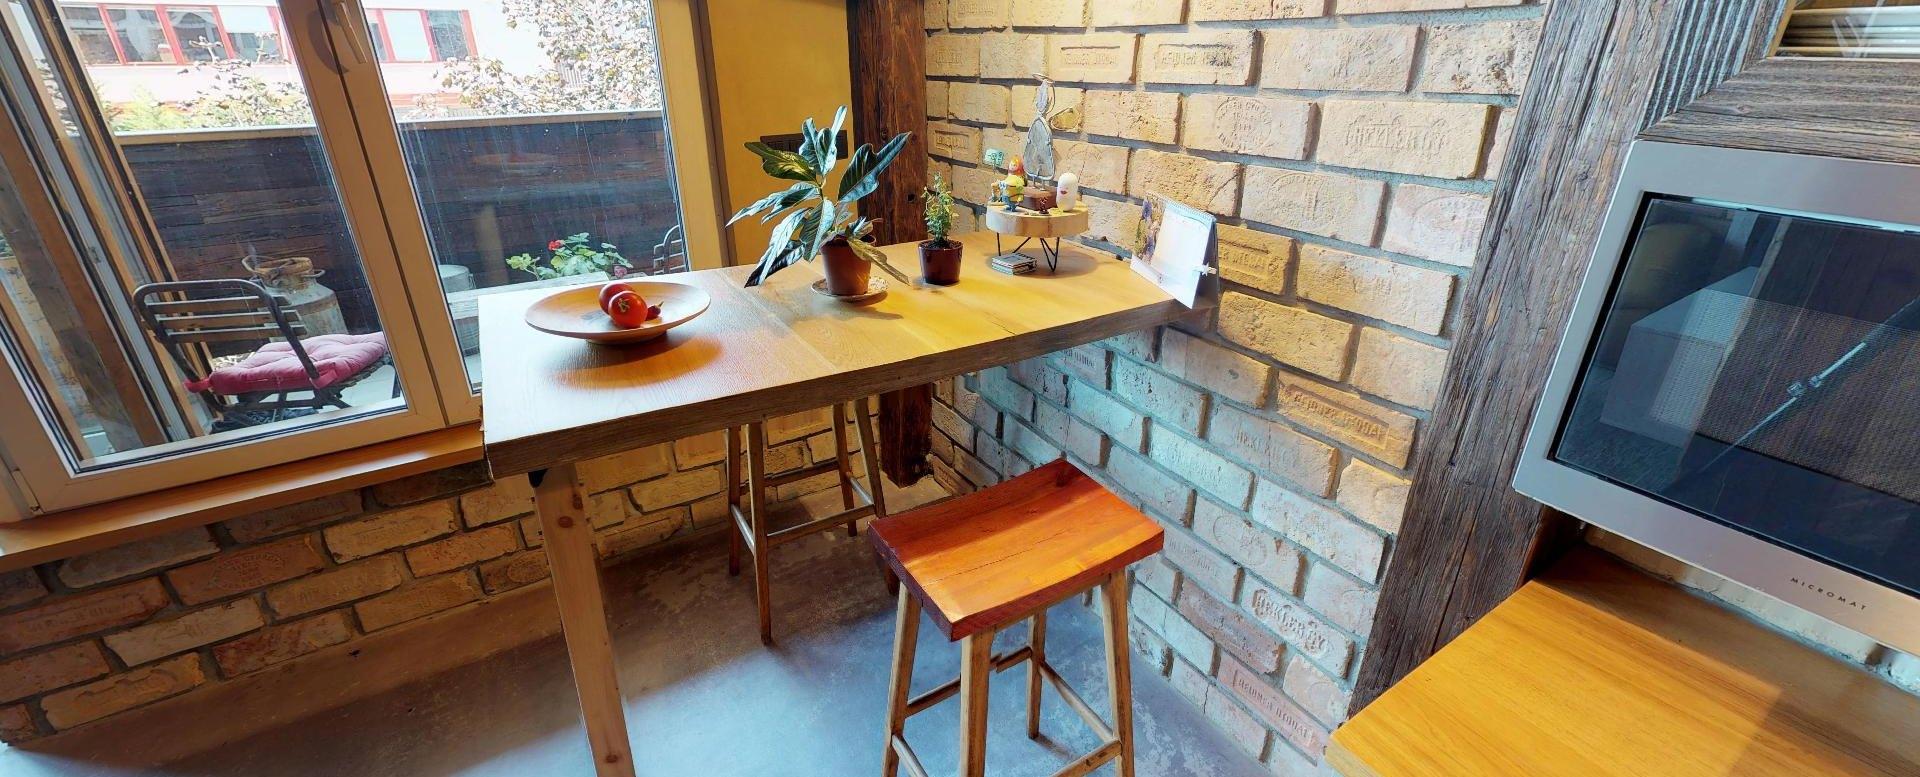 Stôl v jedálenskej časti v byte na Dieňovej ulici